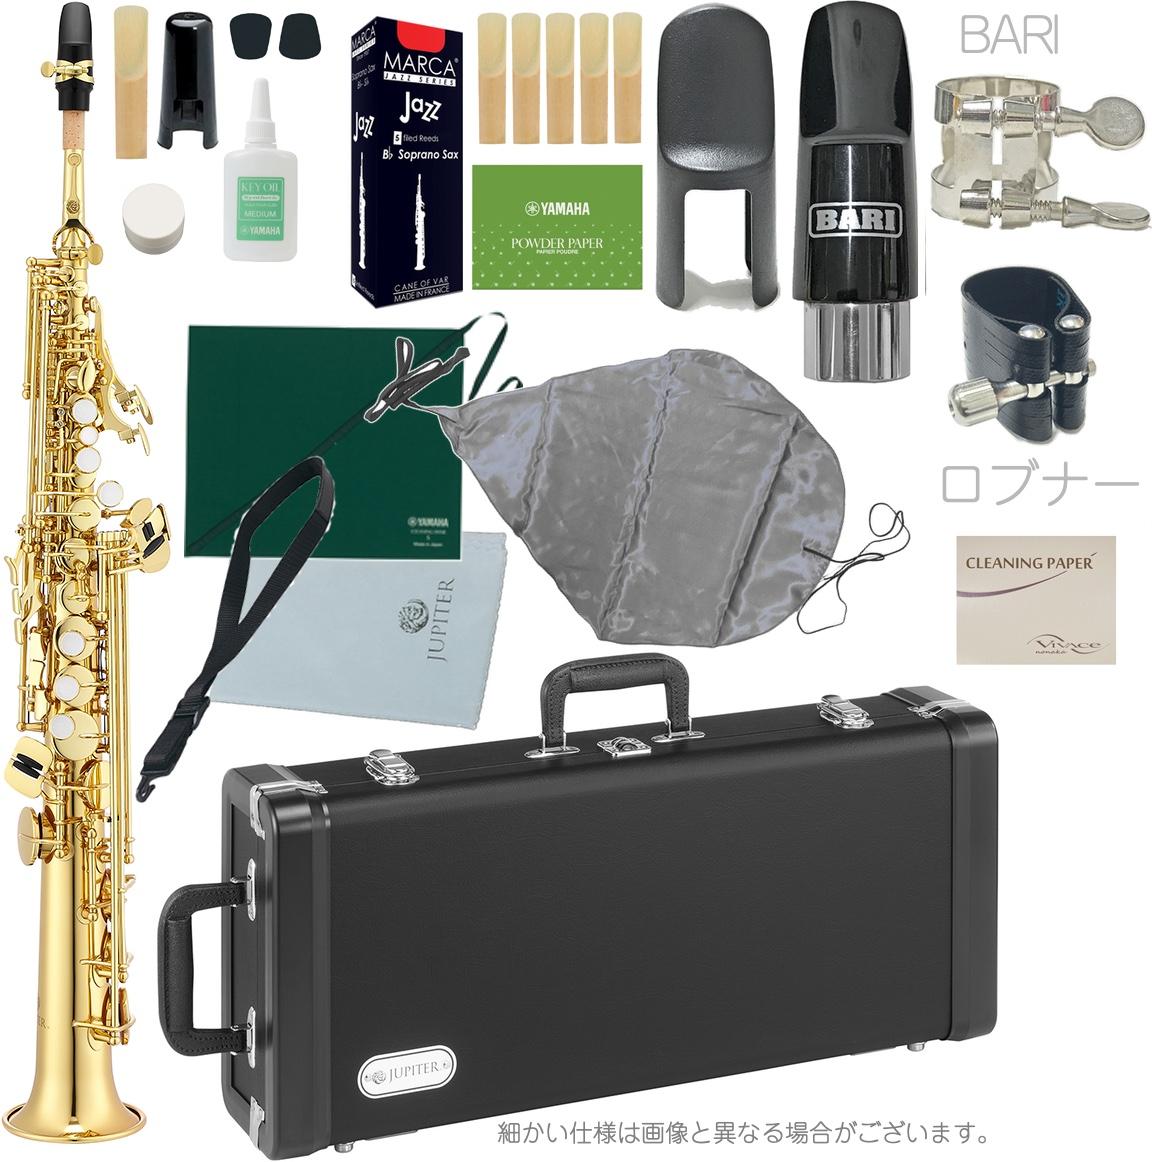 JAZZ ジャズセット 楽器 初心者 サクソフォン 木管楽器 JUPITER 期間限定特価品 ジュピター JSS1000 ソプラノサックス 新品 秀逸 ストレート セット 離島不可 デタッチャブルネック Bb soprano 沖縄 saxophone JSS-1000 B 北海道 BARI 本体